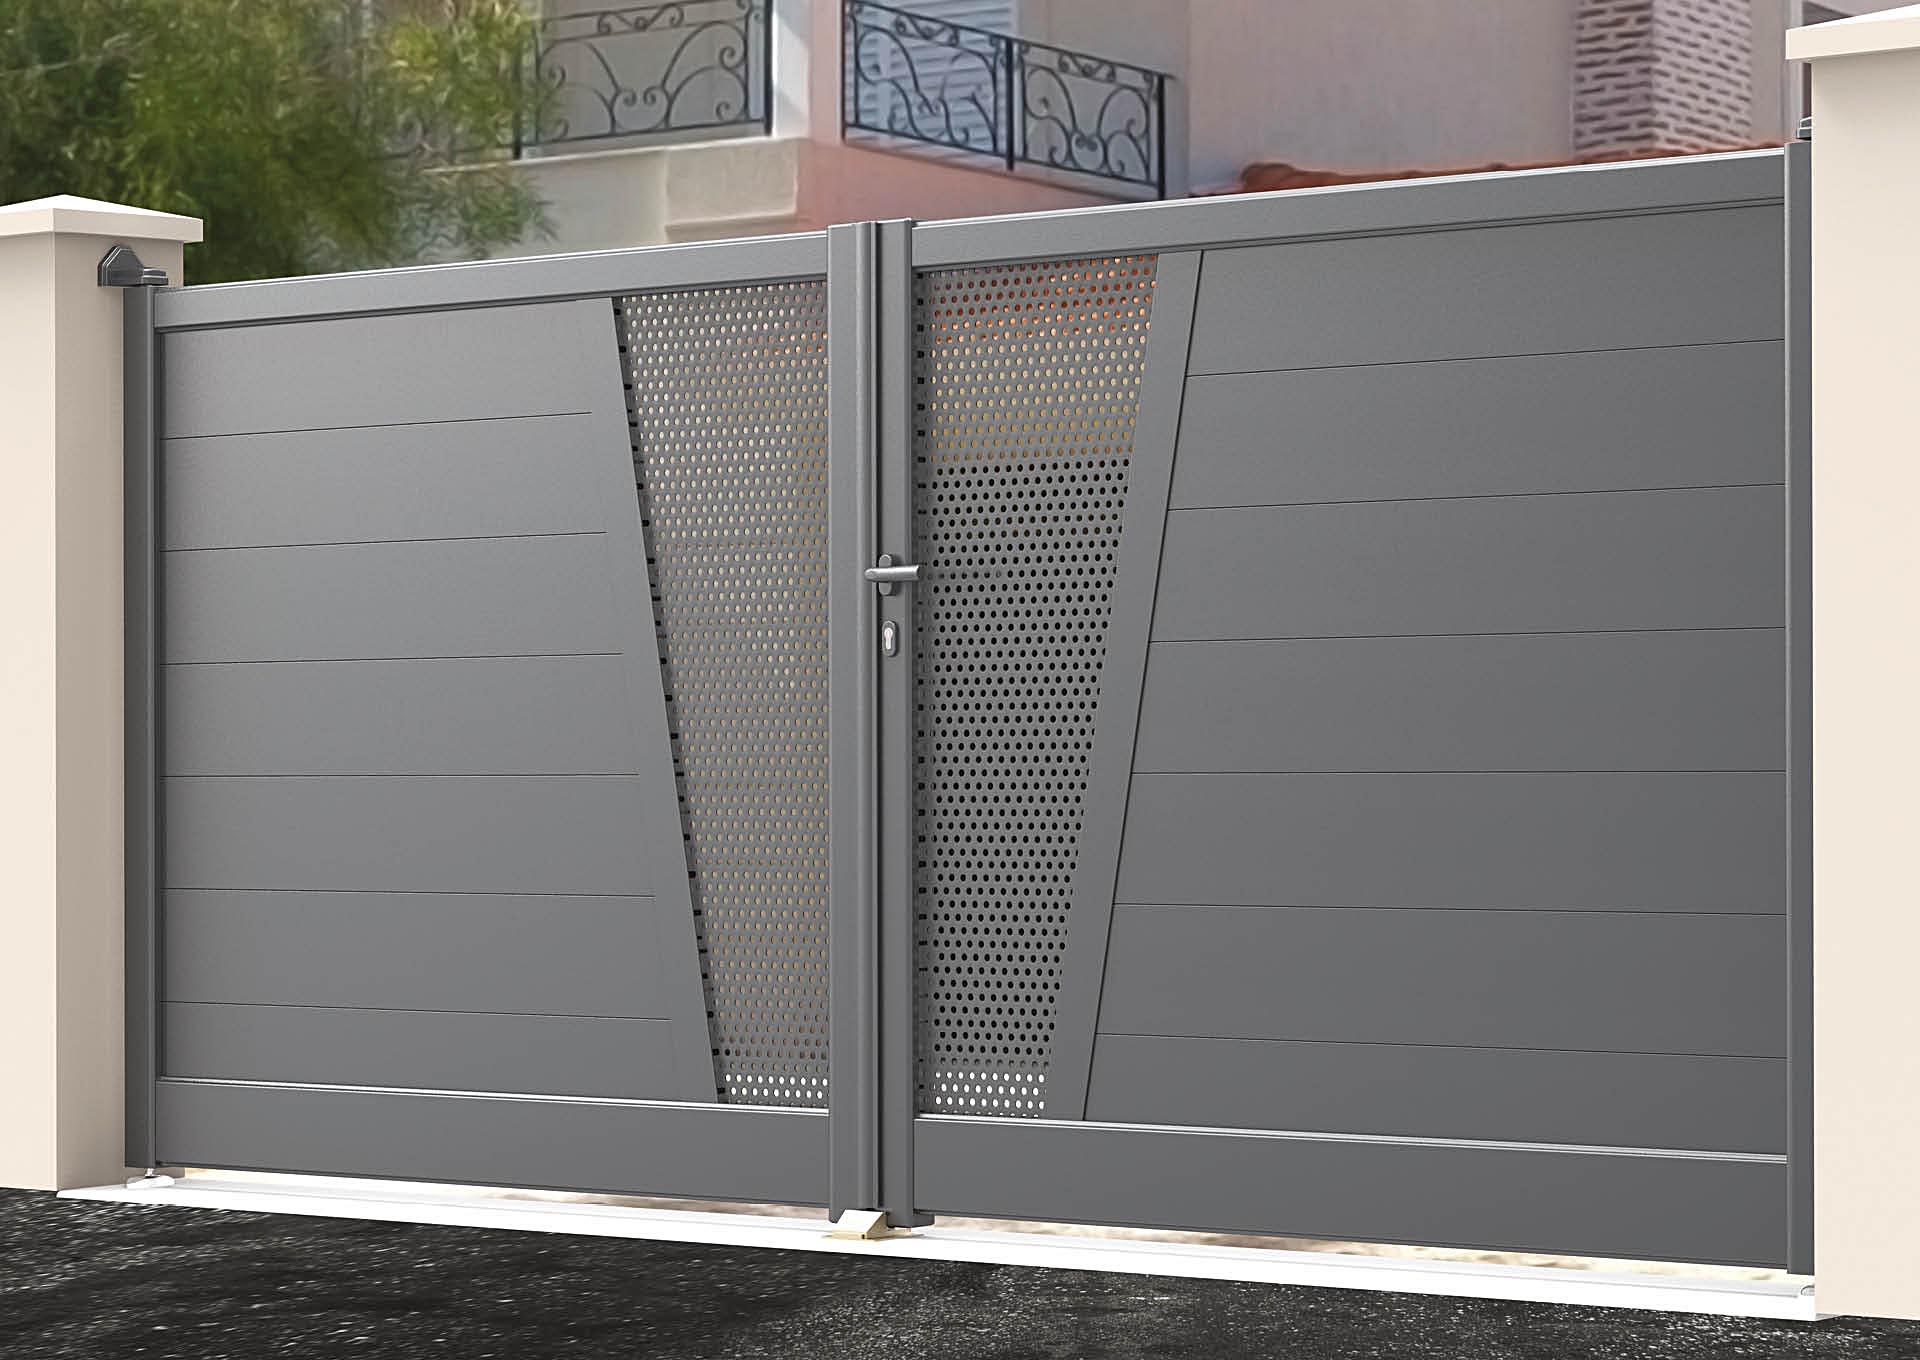 Portail battant en aluminium 9050_B_P2TP Lames horizontales 200mm + décor tôle perforée Ø6mm